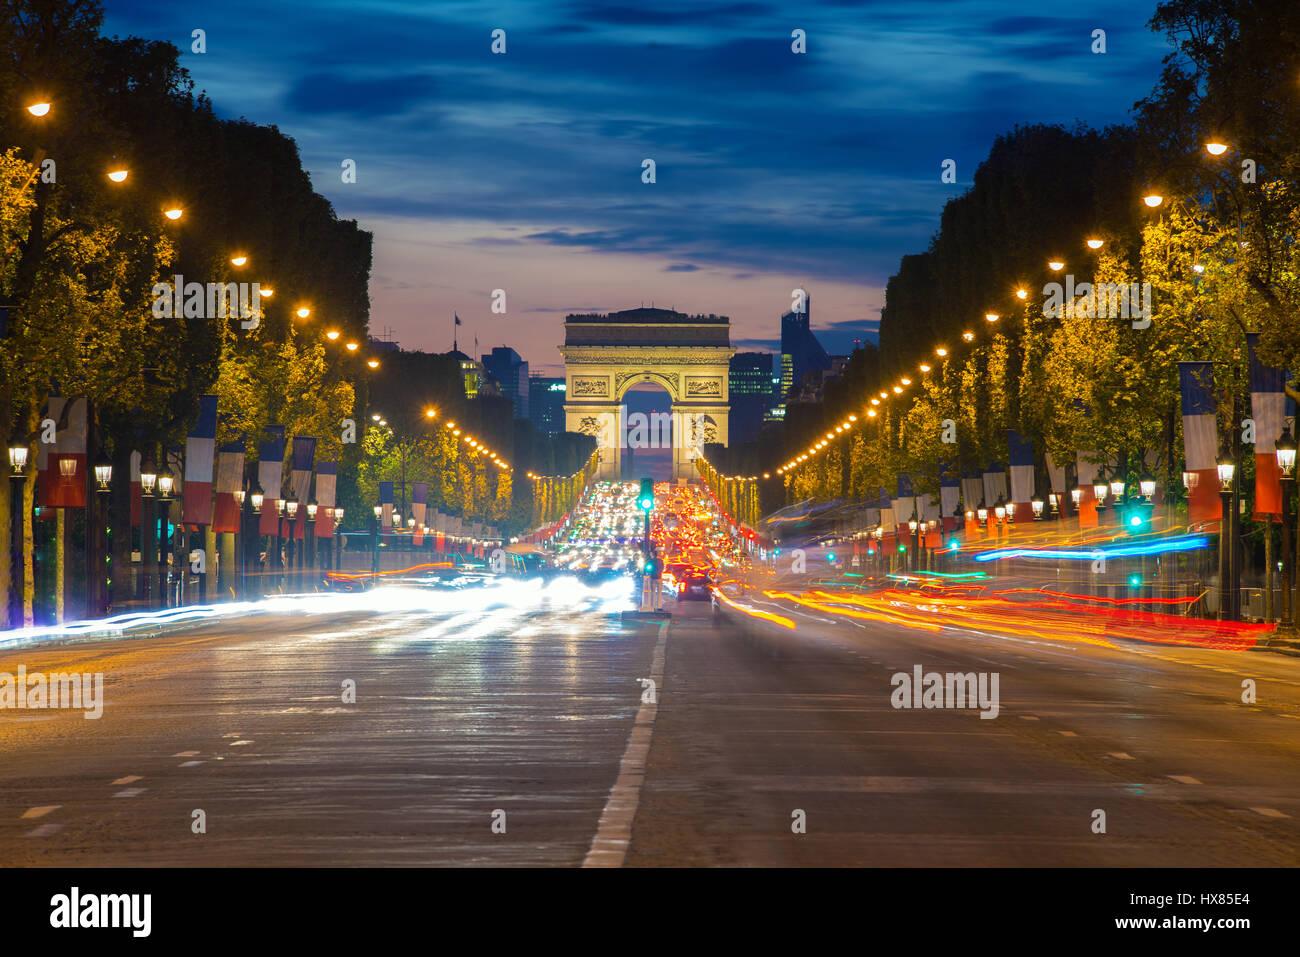 Nachtansicht des Verkehrs Paris Champs-Elysees und dem Arc de Triomphe in Paris, Frankreich. Stockbild